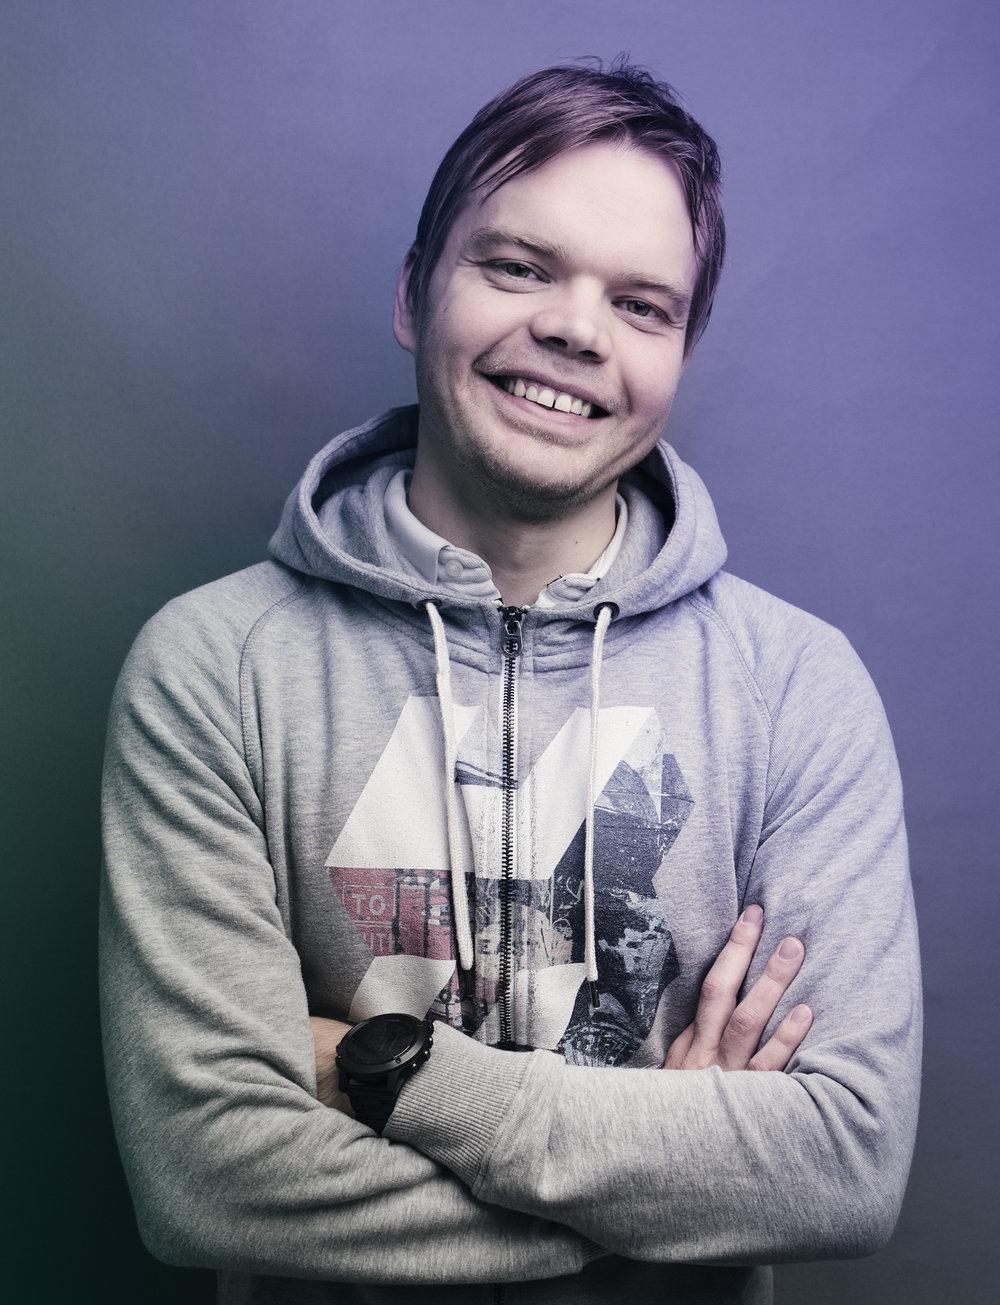 Juhani Honkala